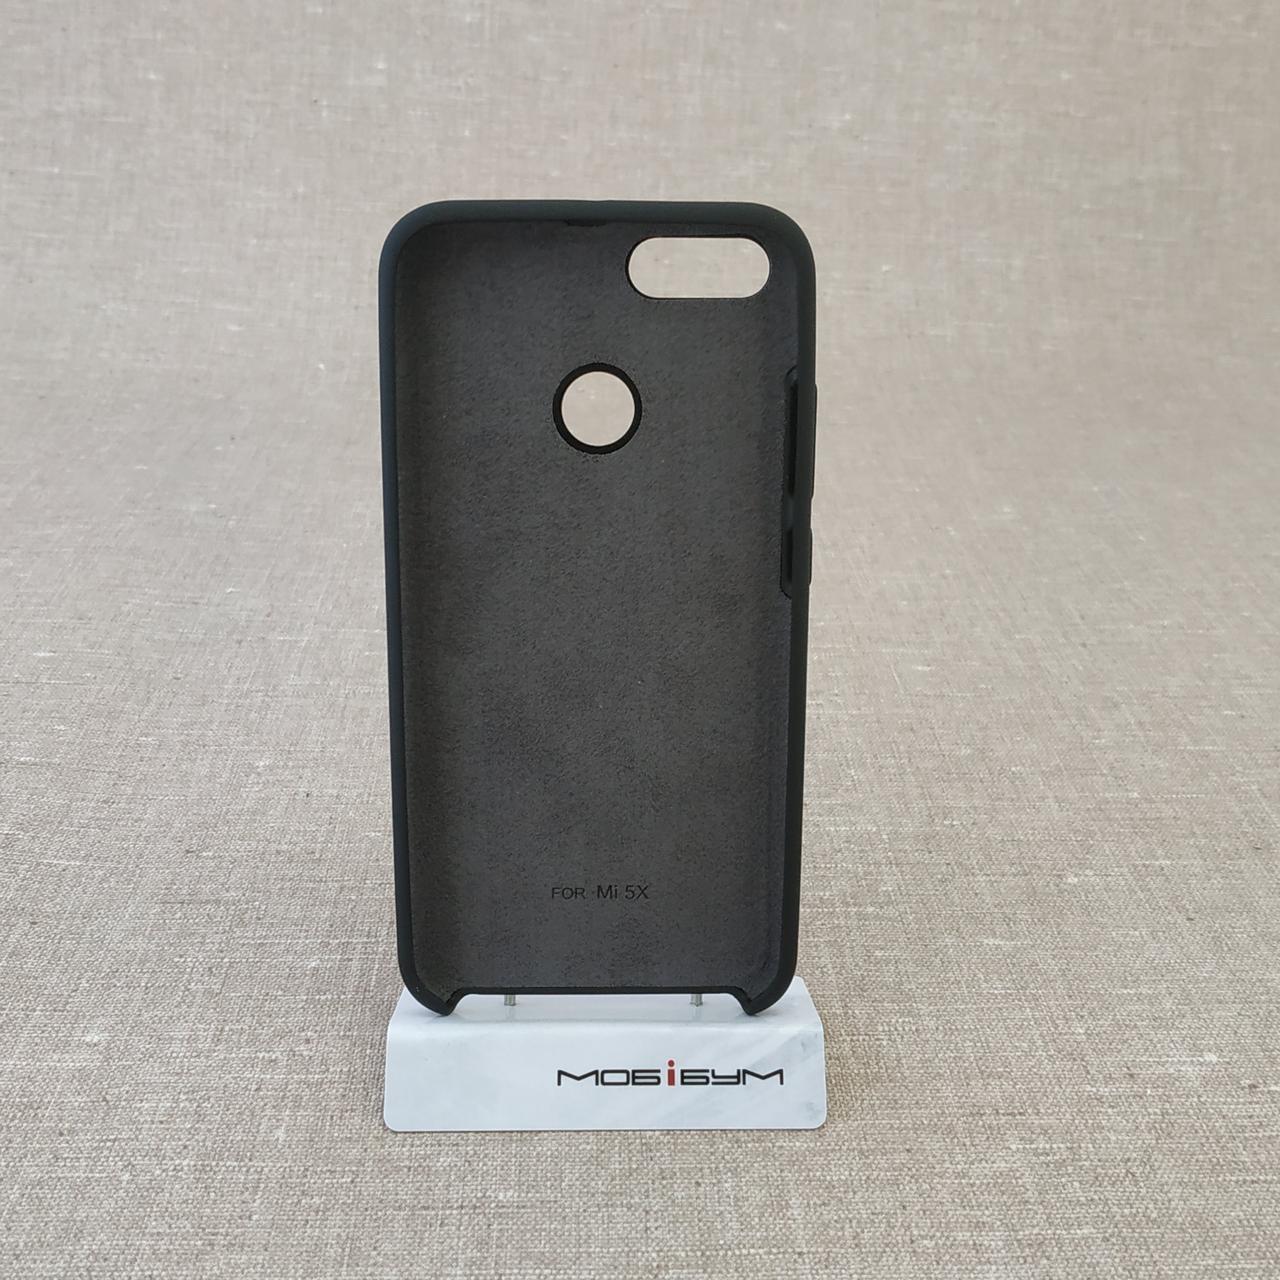 Original Soft Xiaomi Mi5x A1 black